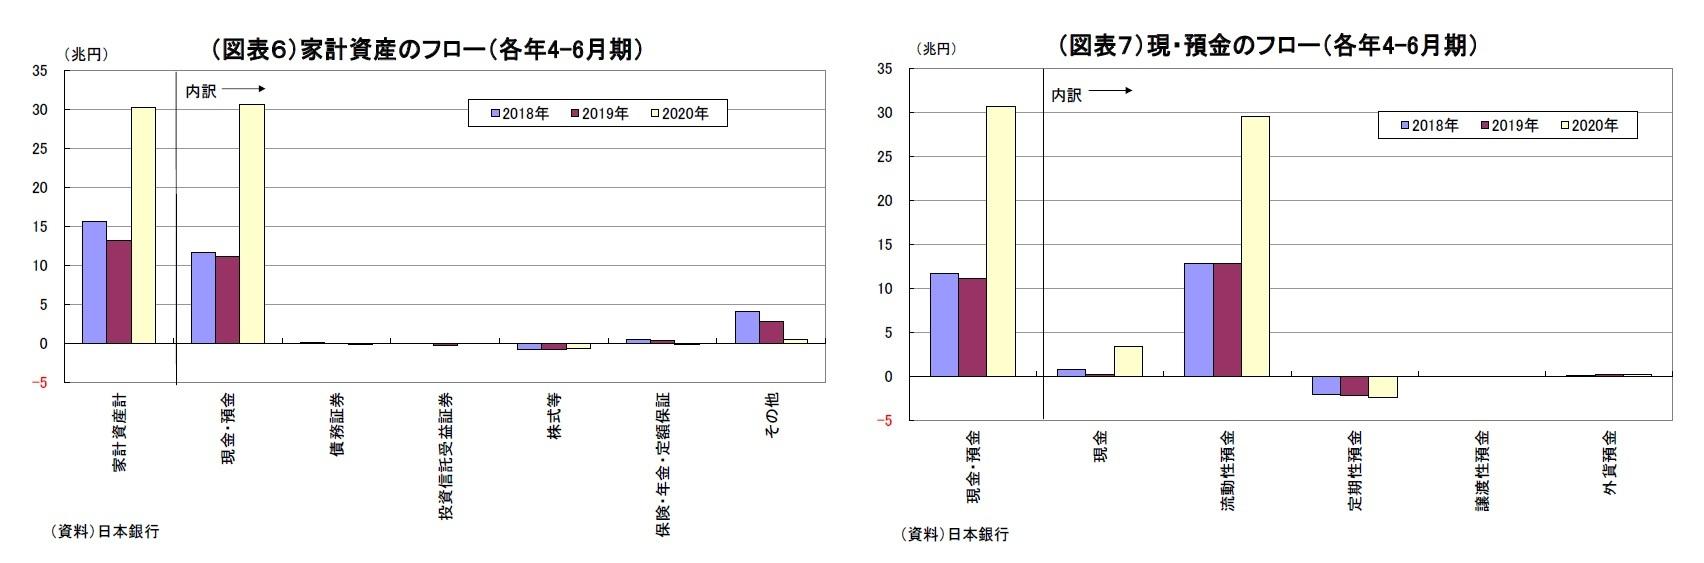 (図表6)家計資産のフロー(各年4-6月期)/(図表7)現・預金のフロー(各年4-6月期)